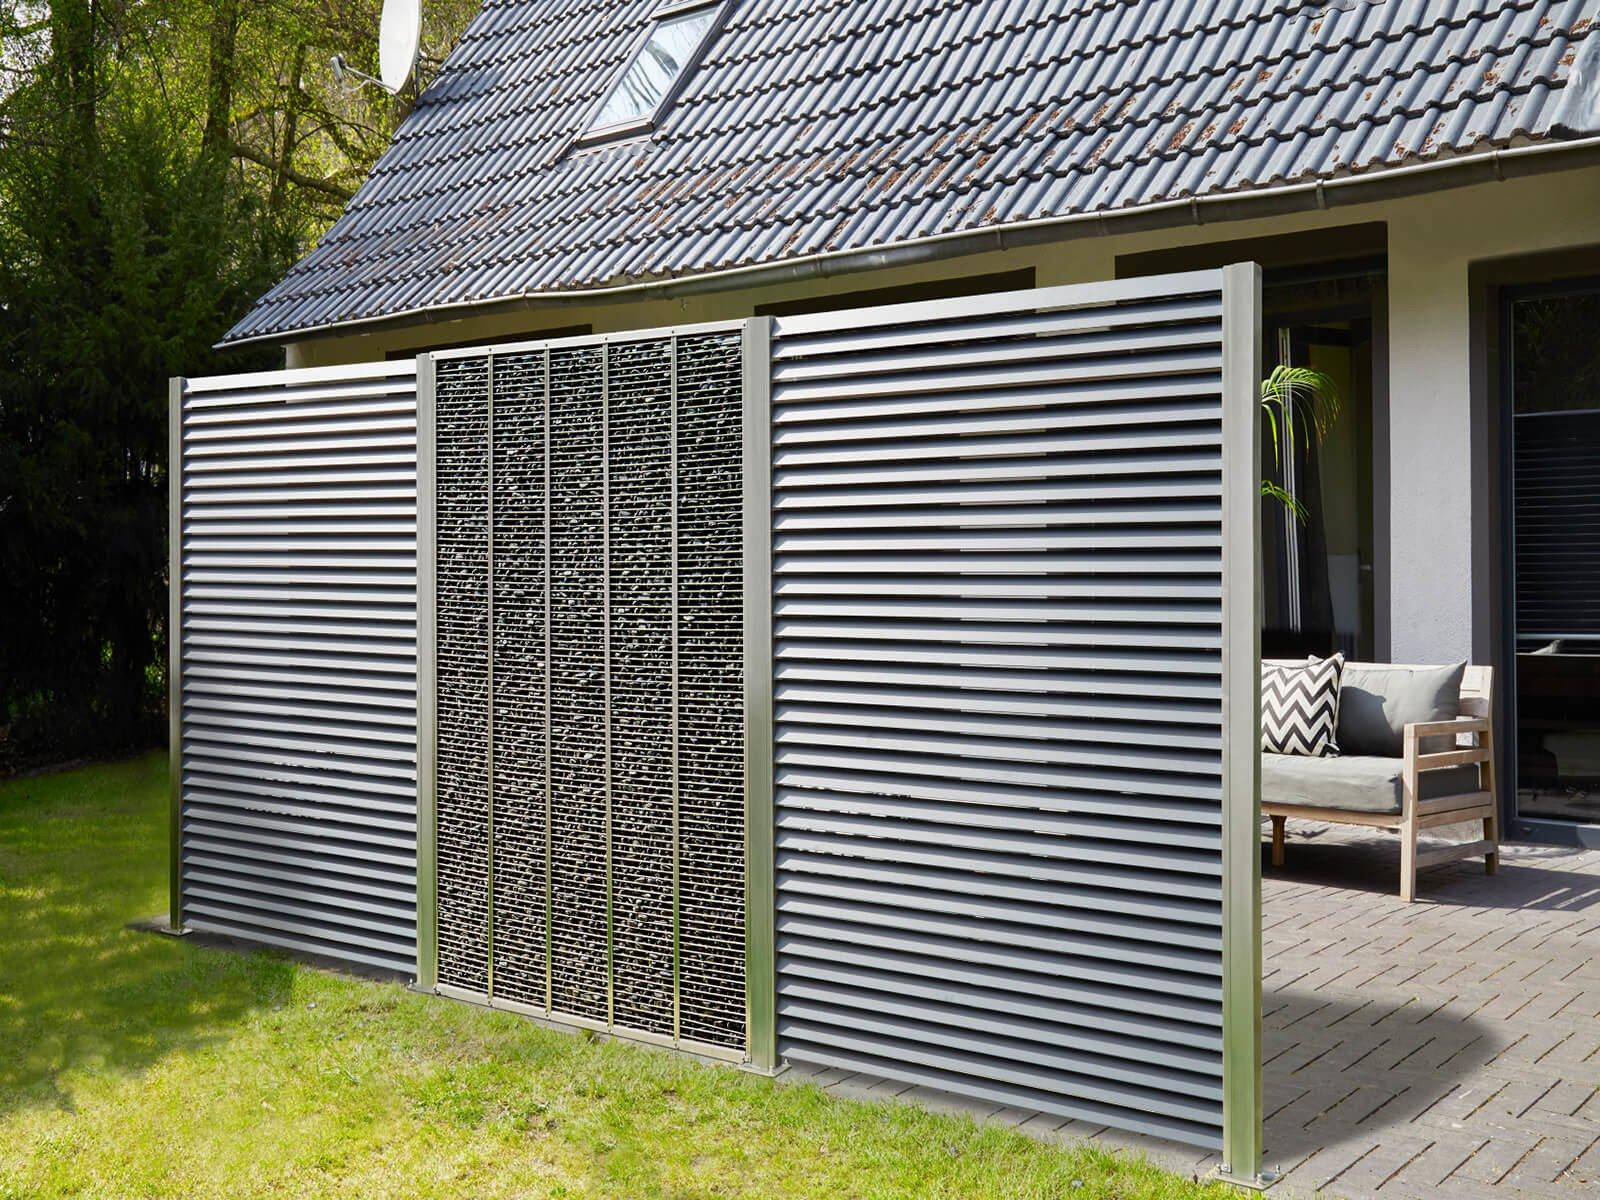 Lamellenzaun Porto mit Gabione kombiniert ideal für Garten oder auf der Terrasse